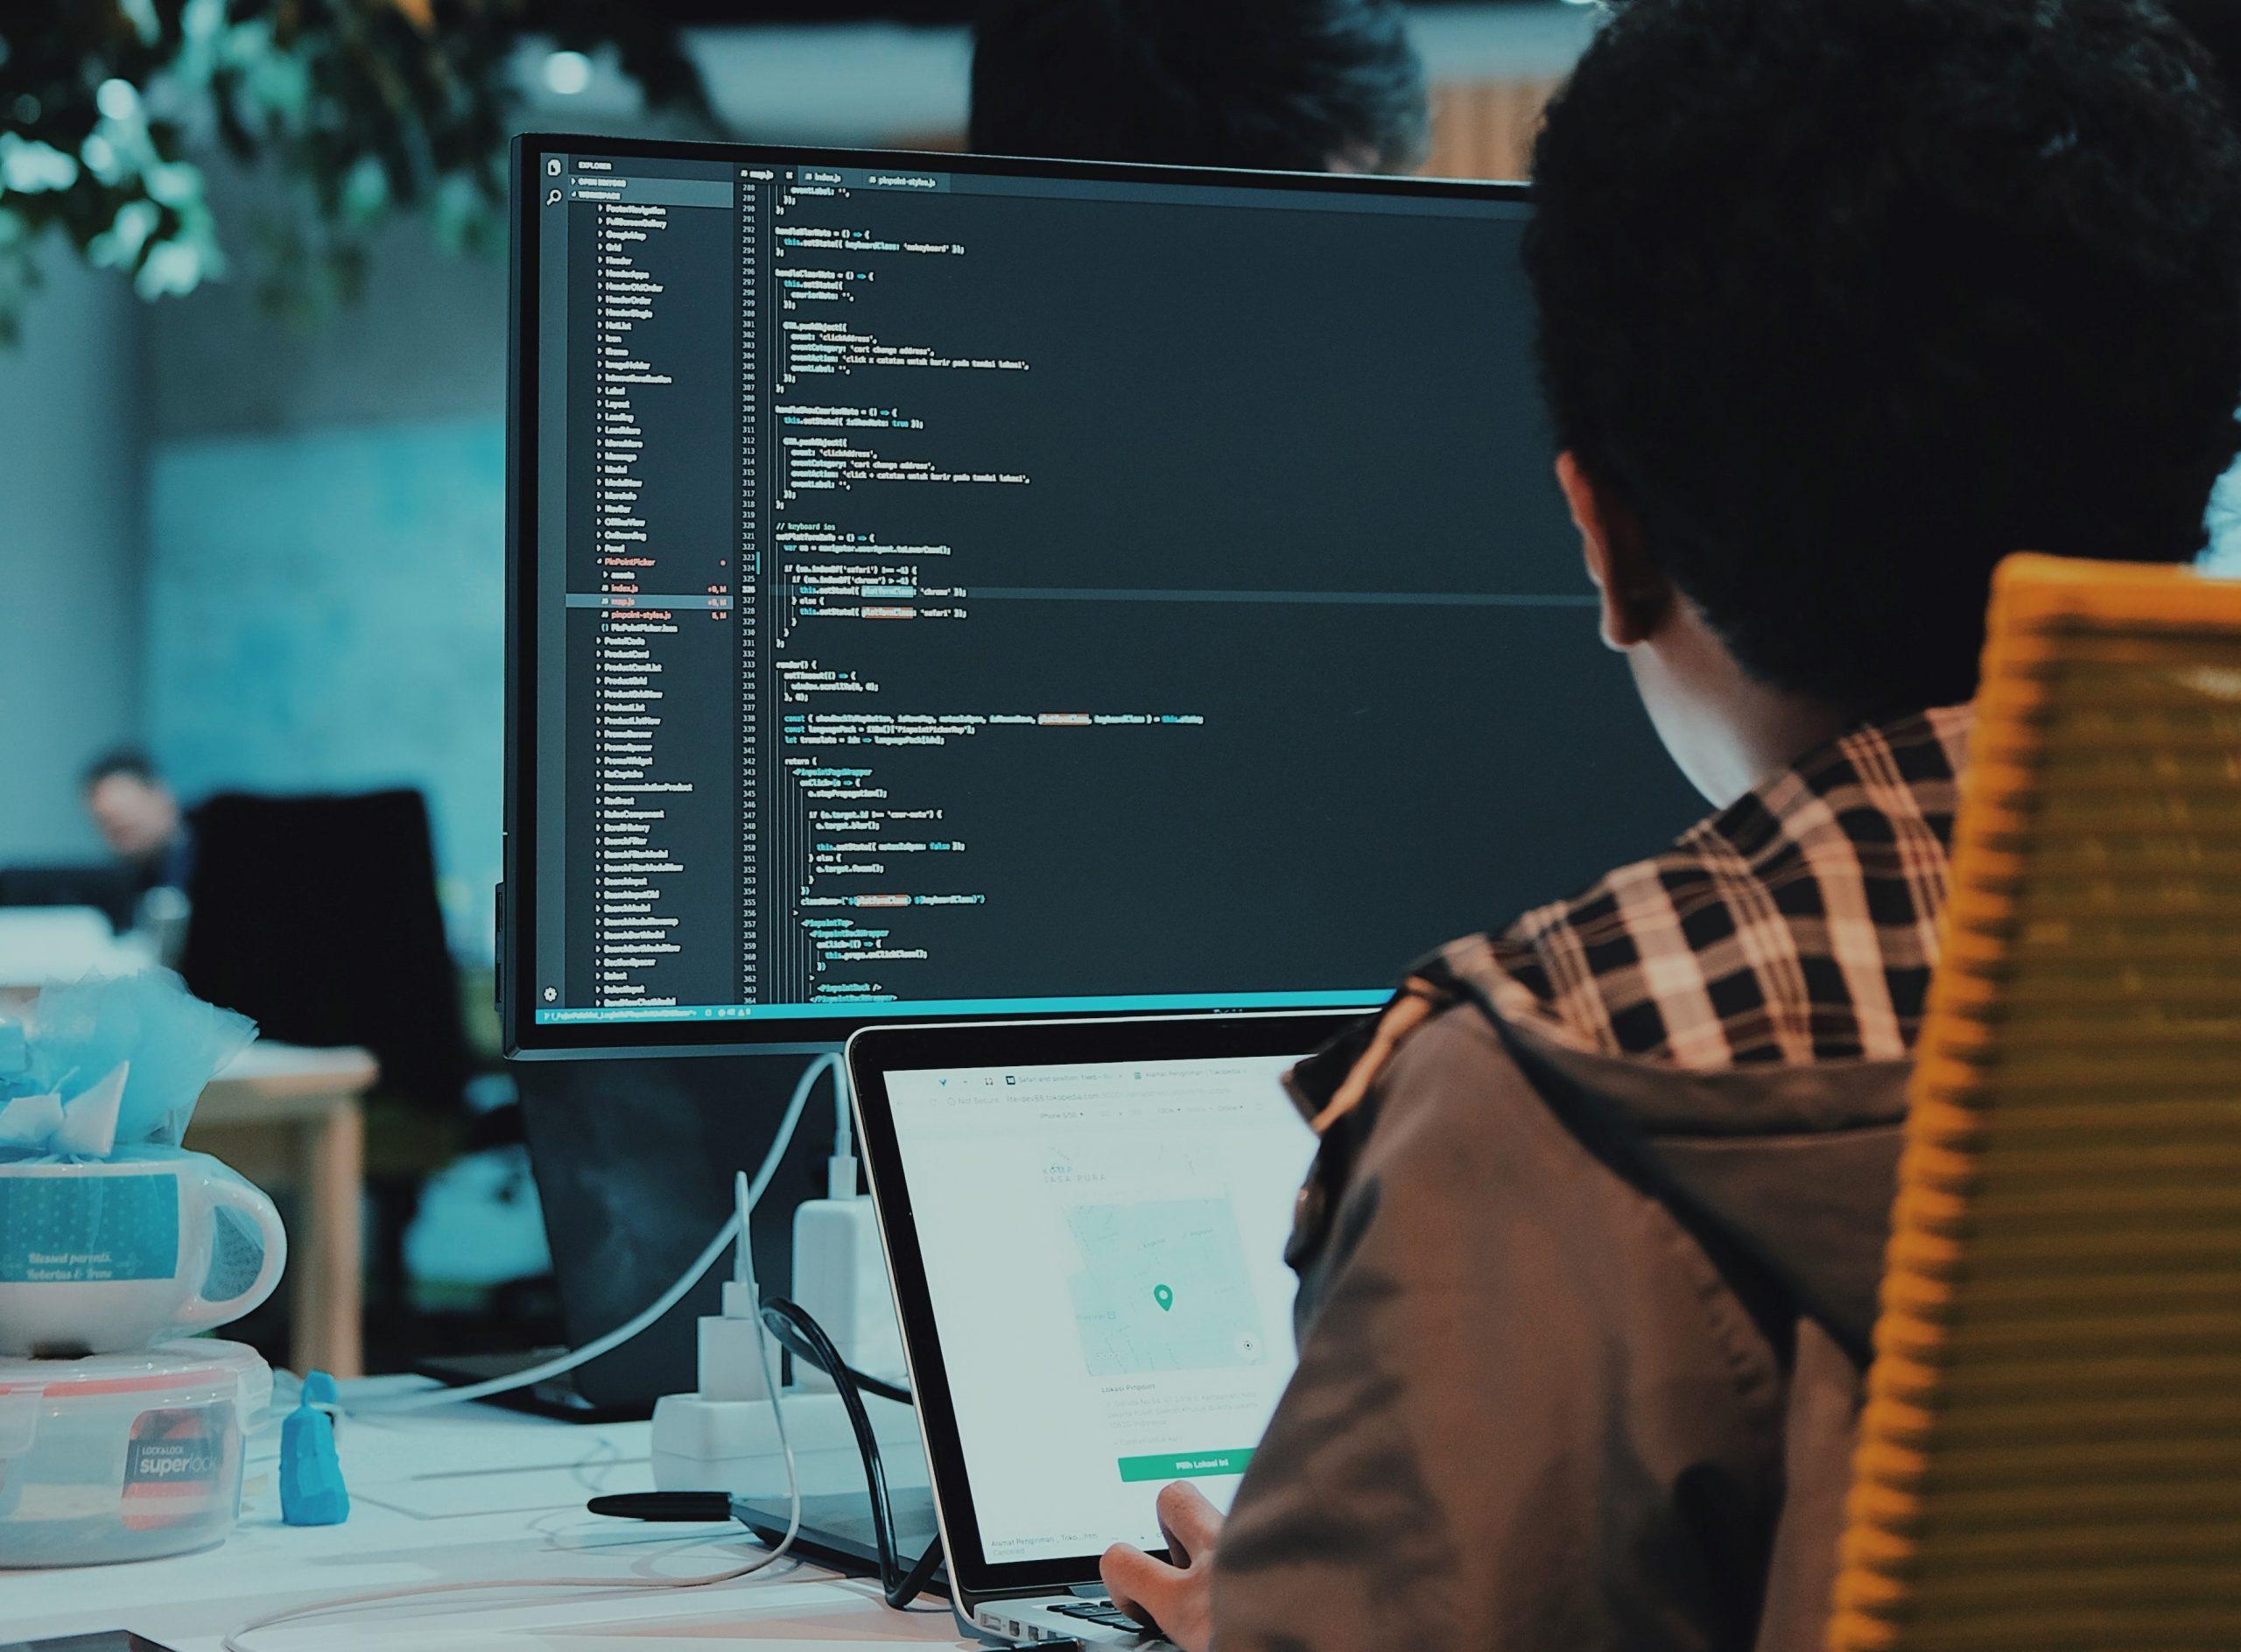 CentOS Stream или FreeBsd? Разбор операционных систем и дистрибутивов